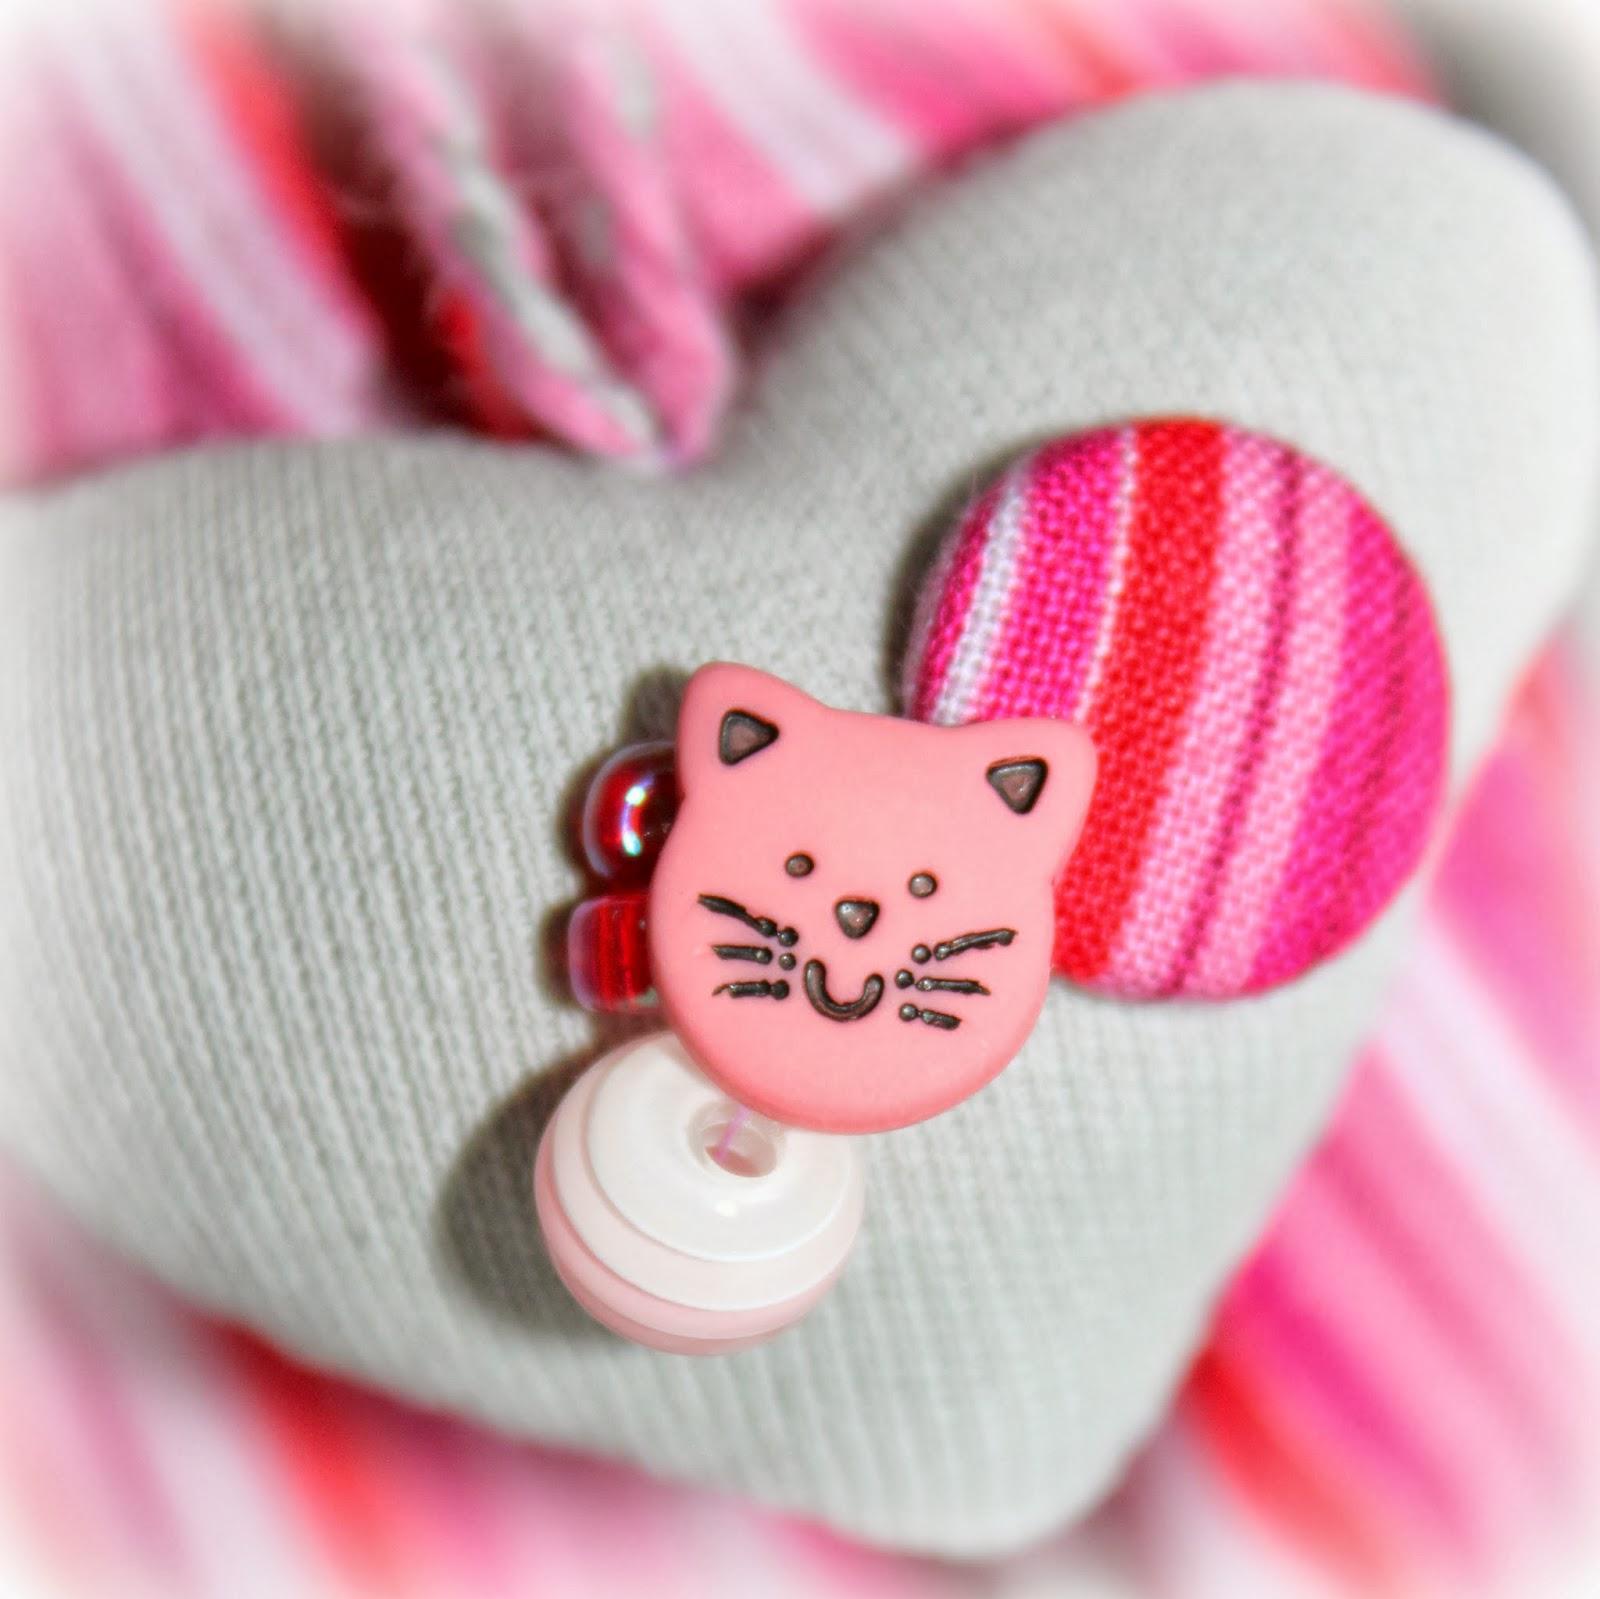 валентинка, подарок для любимой, подарок девушке